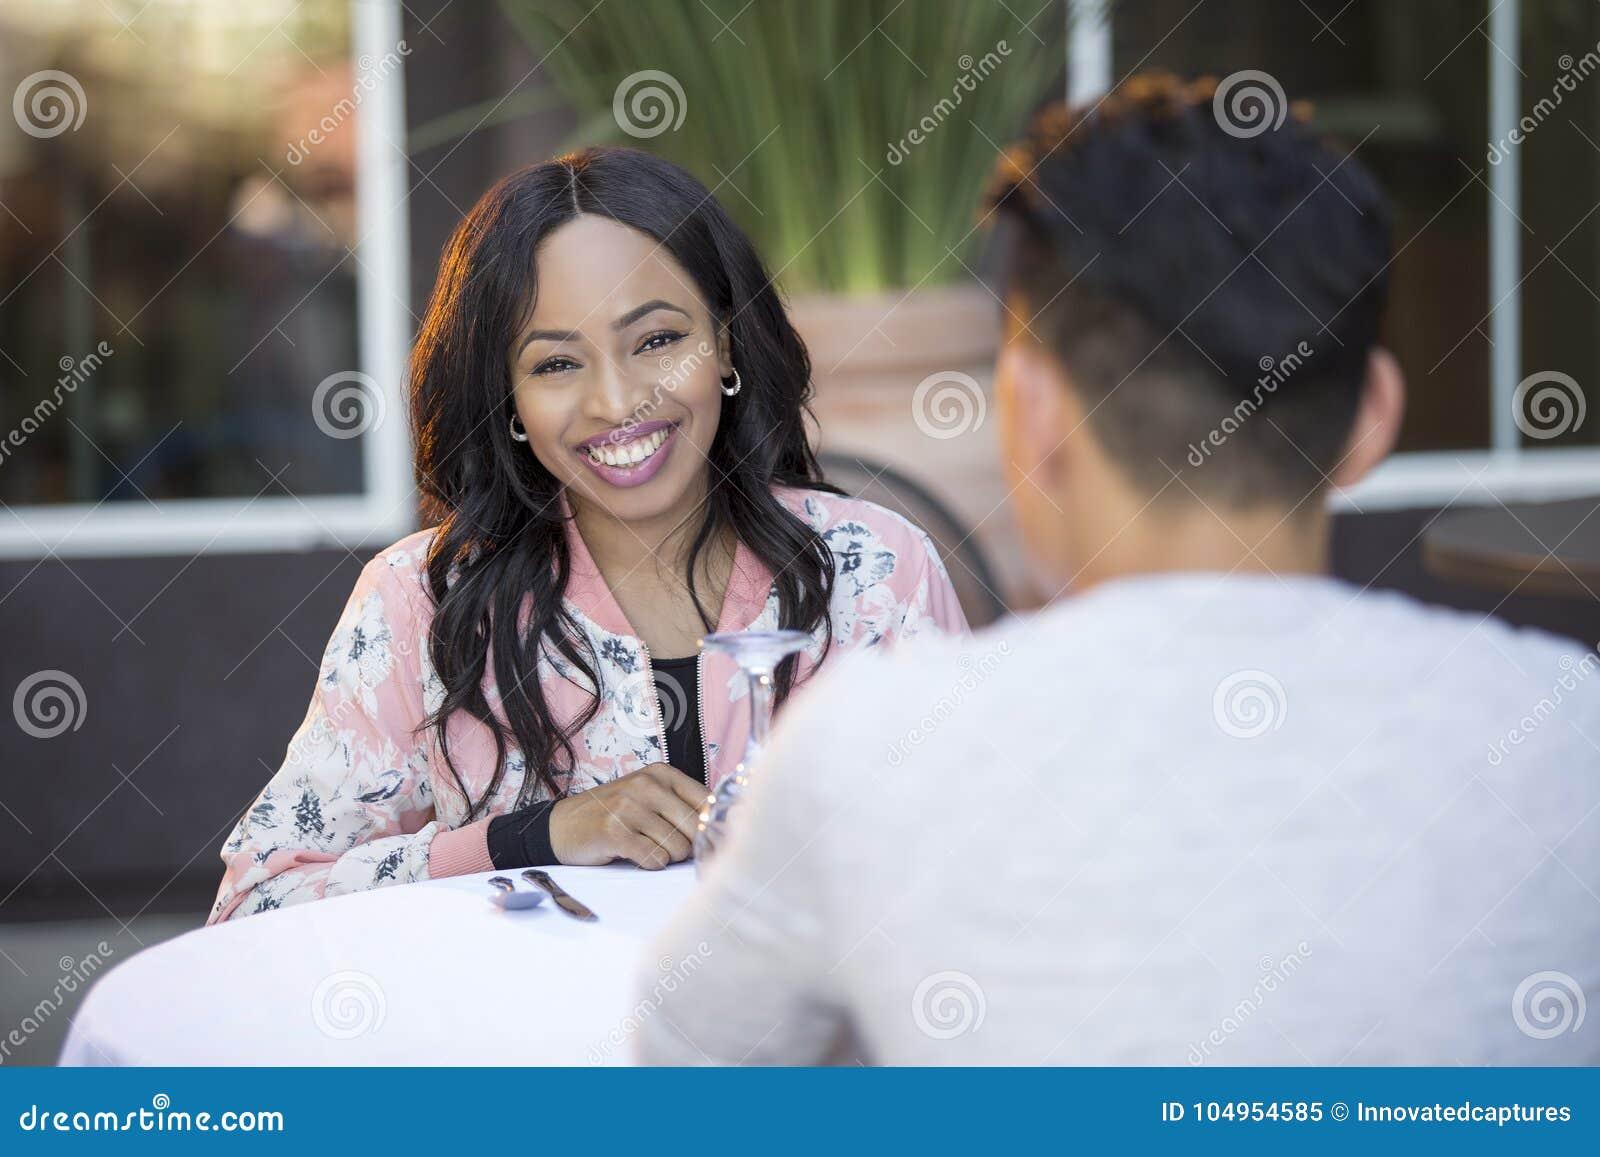 Vad är dating som i Atlanta påsk dating miniräknare